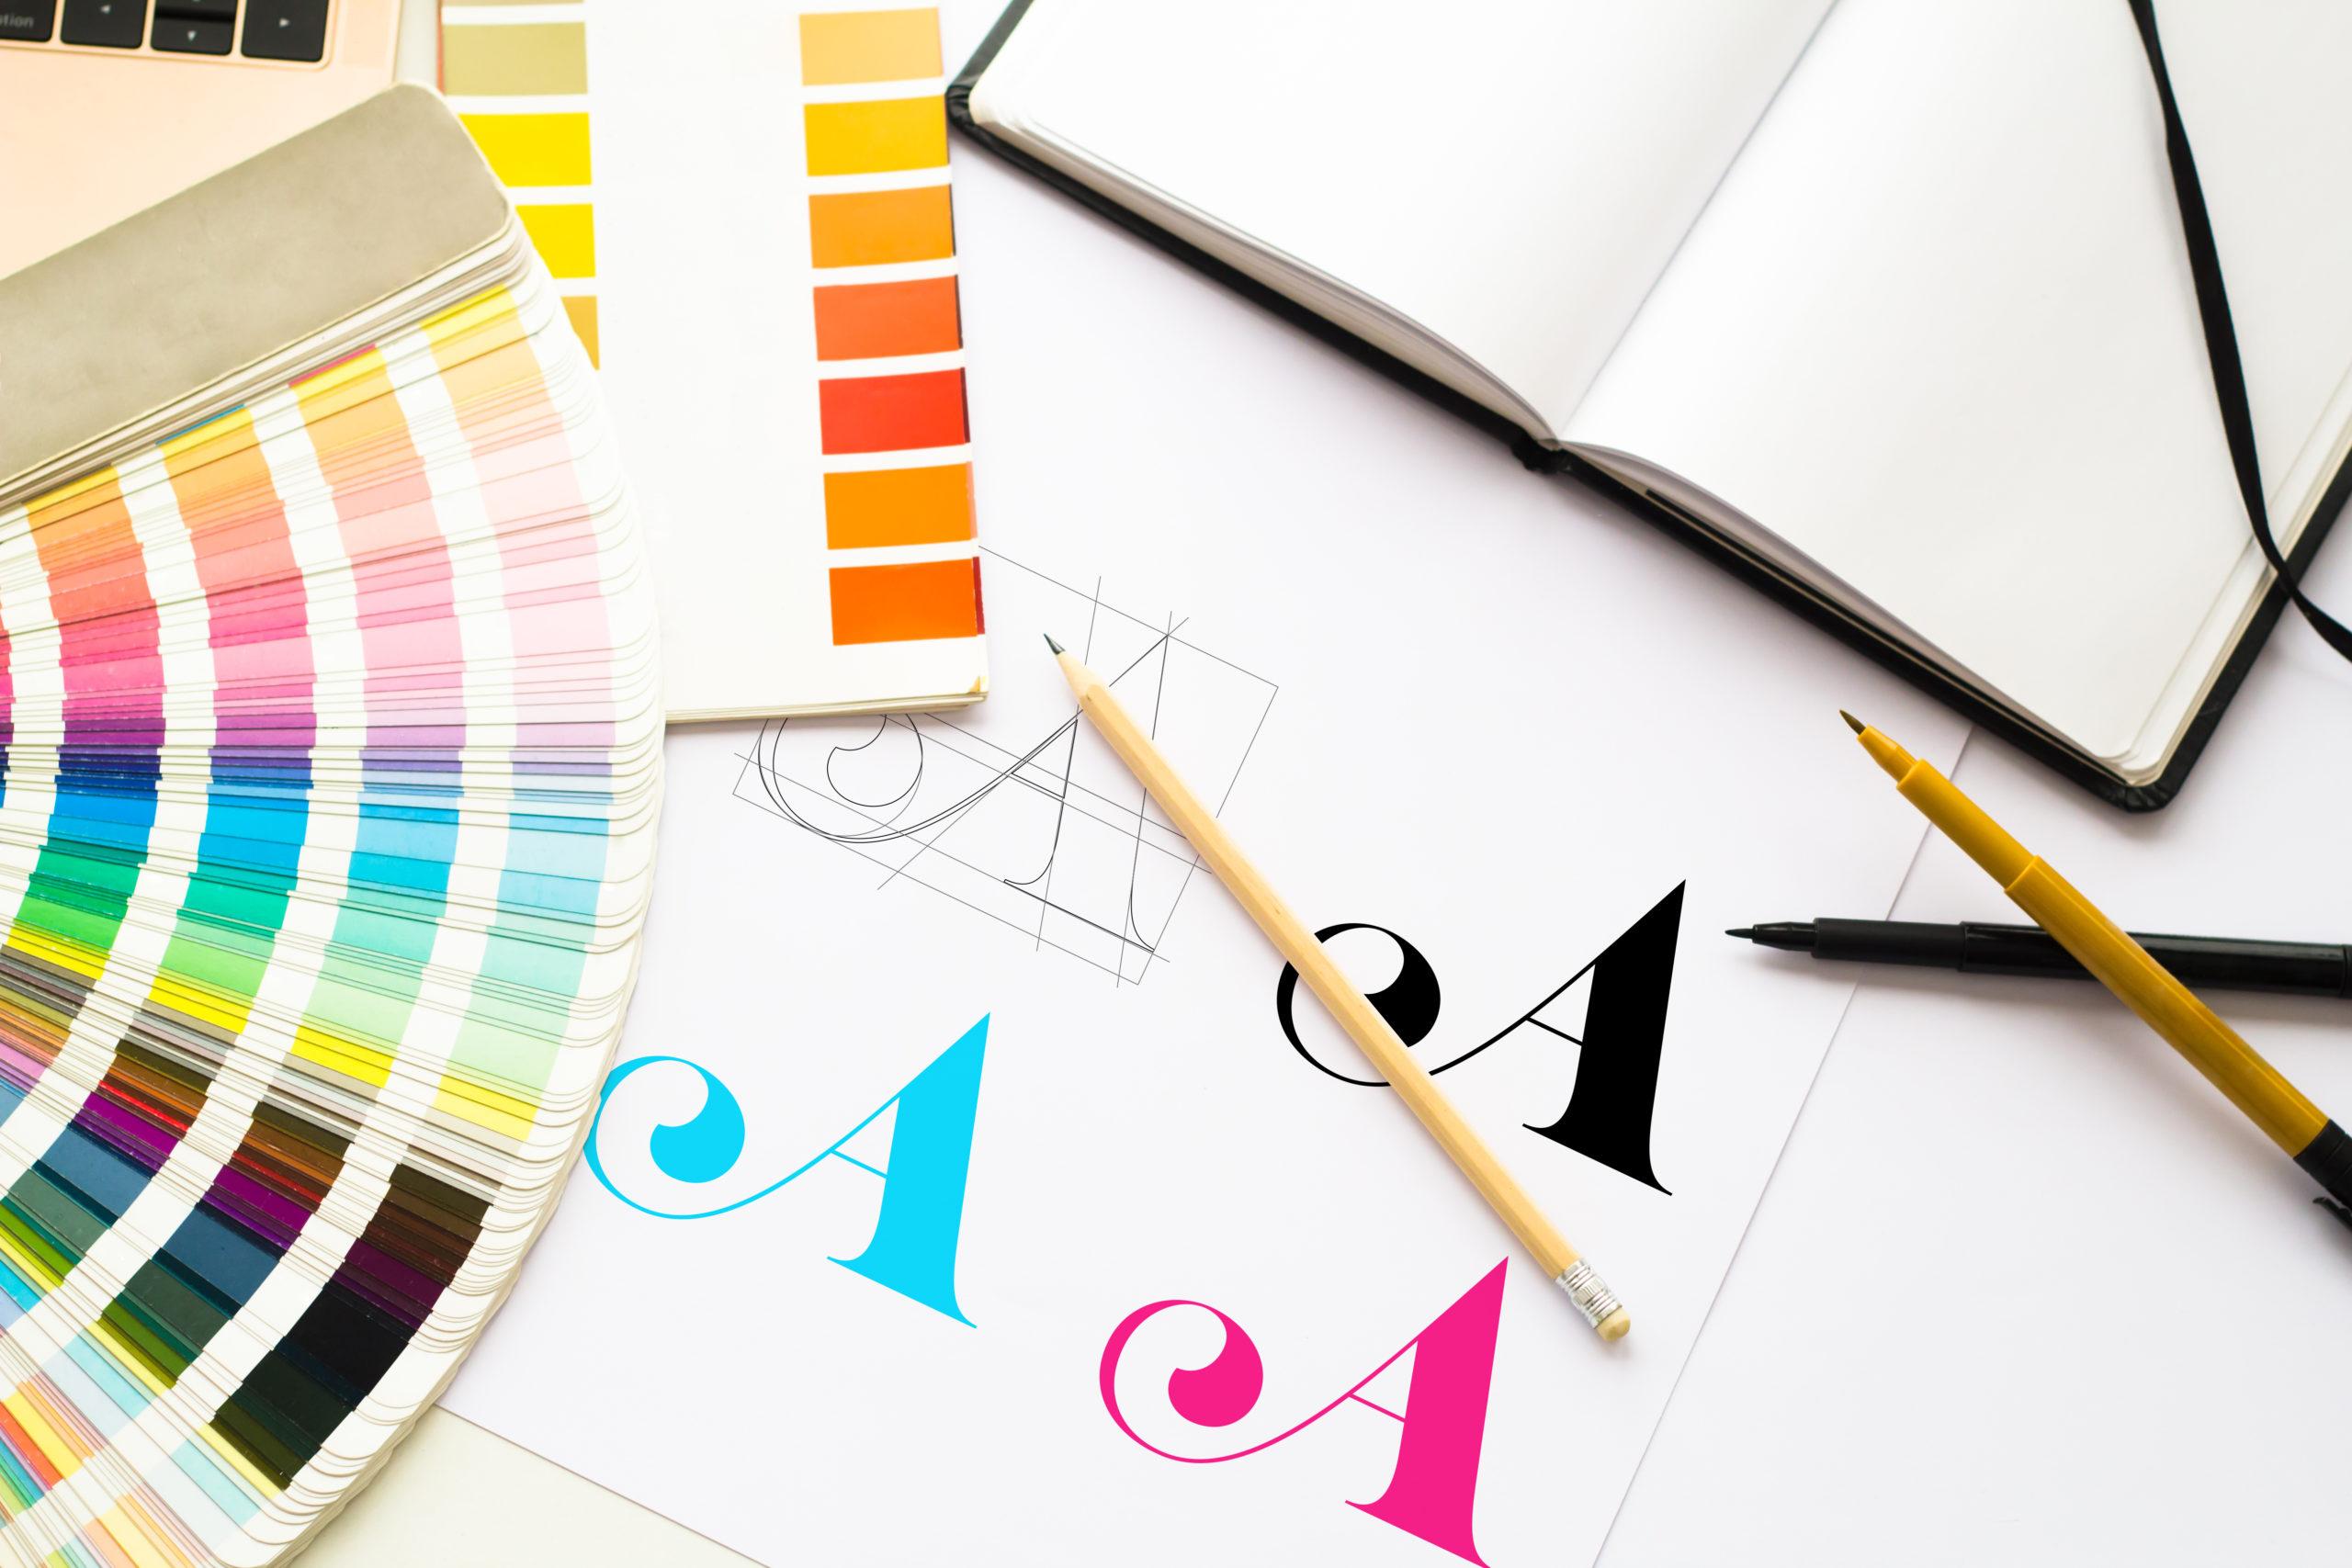 Création graphique conception graphique - Création logo